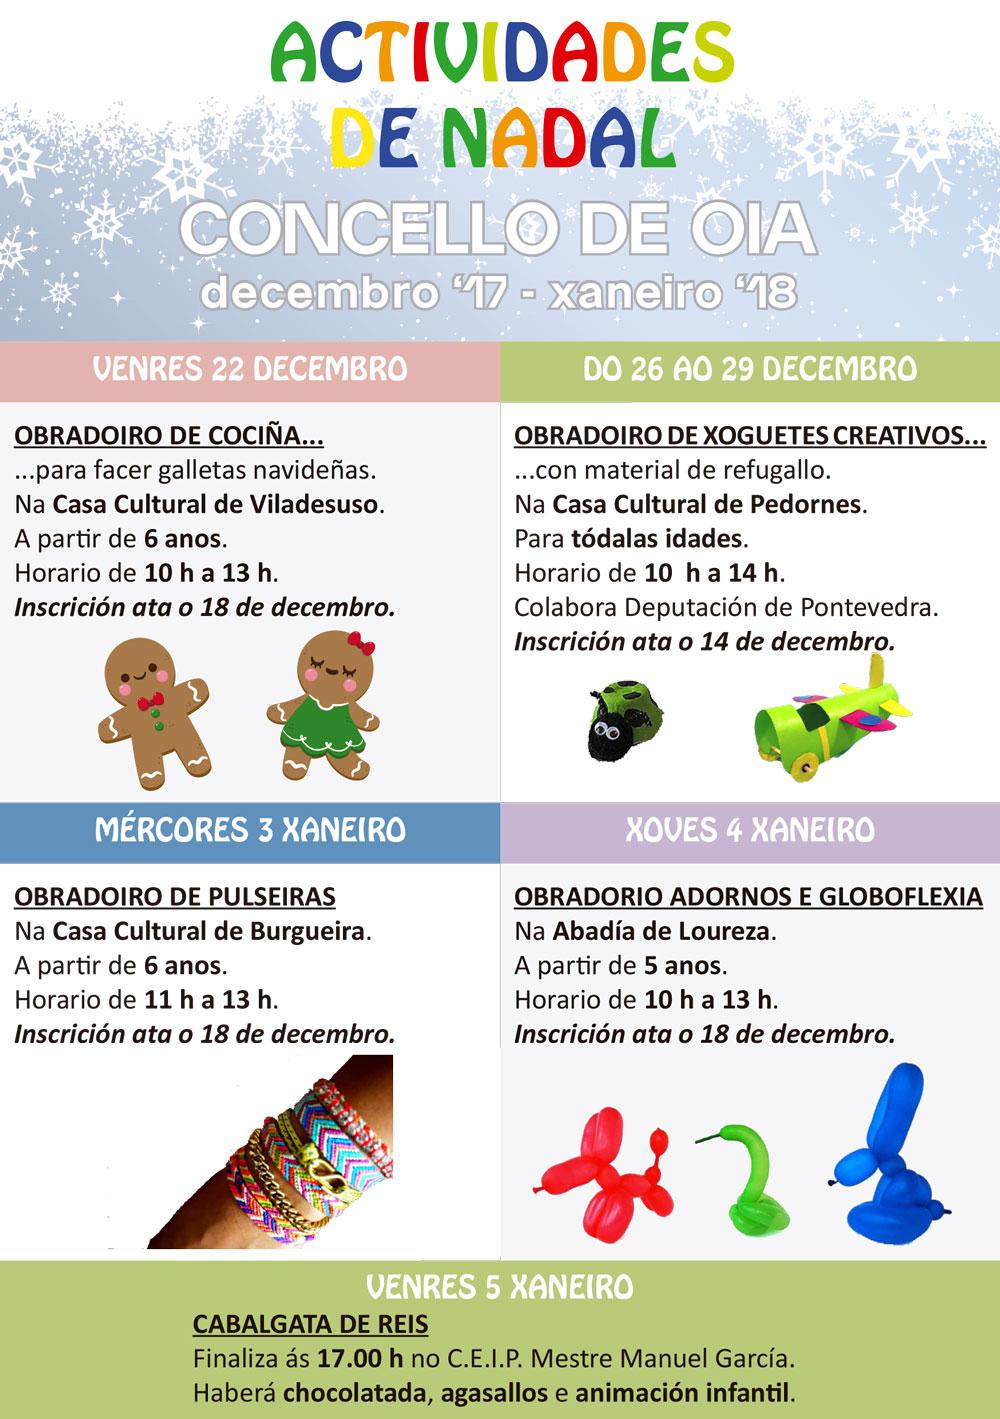 Actividades de nadal no Concello de Oia